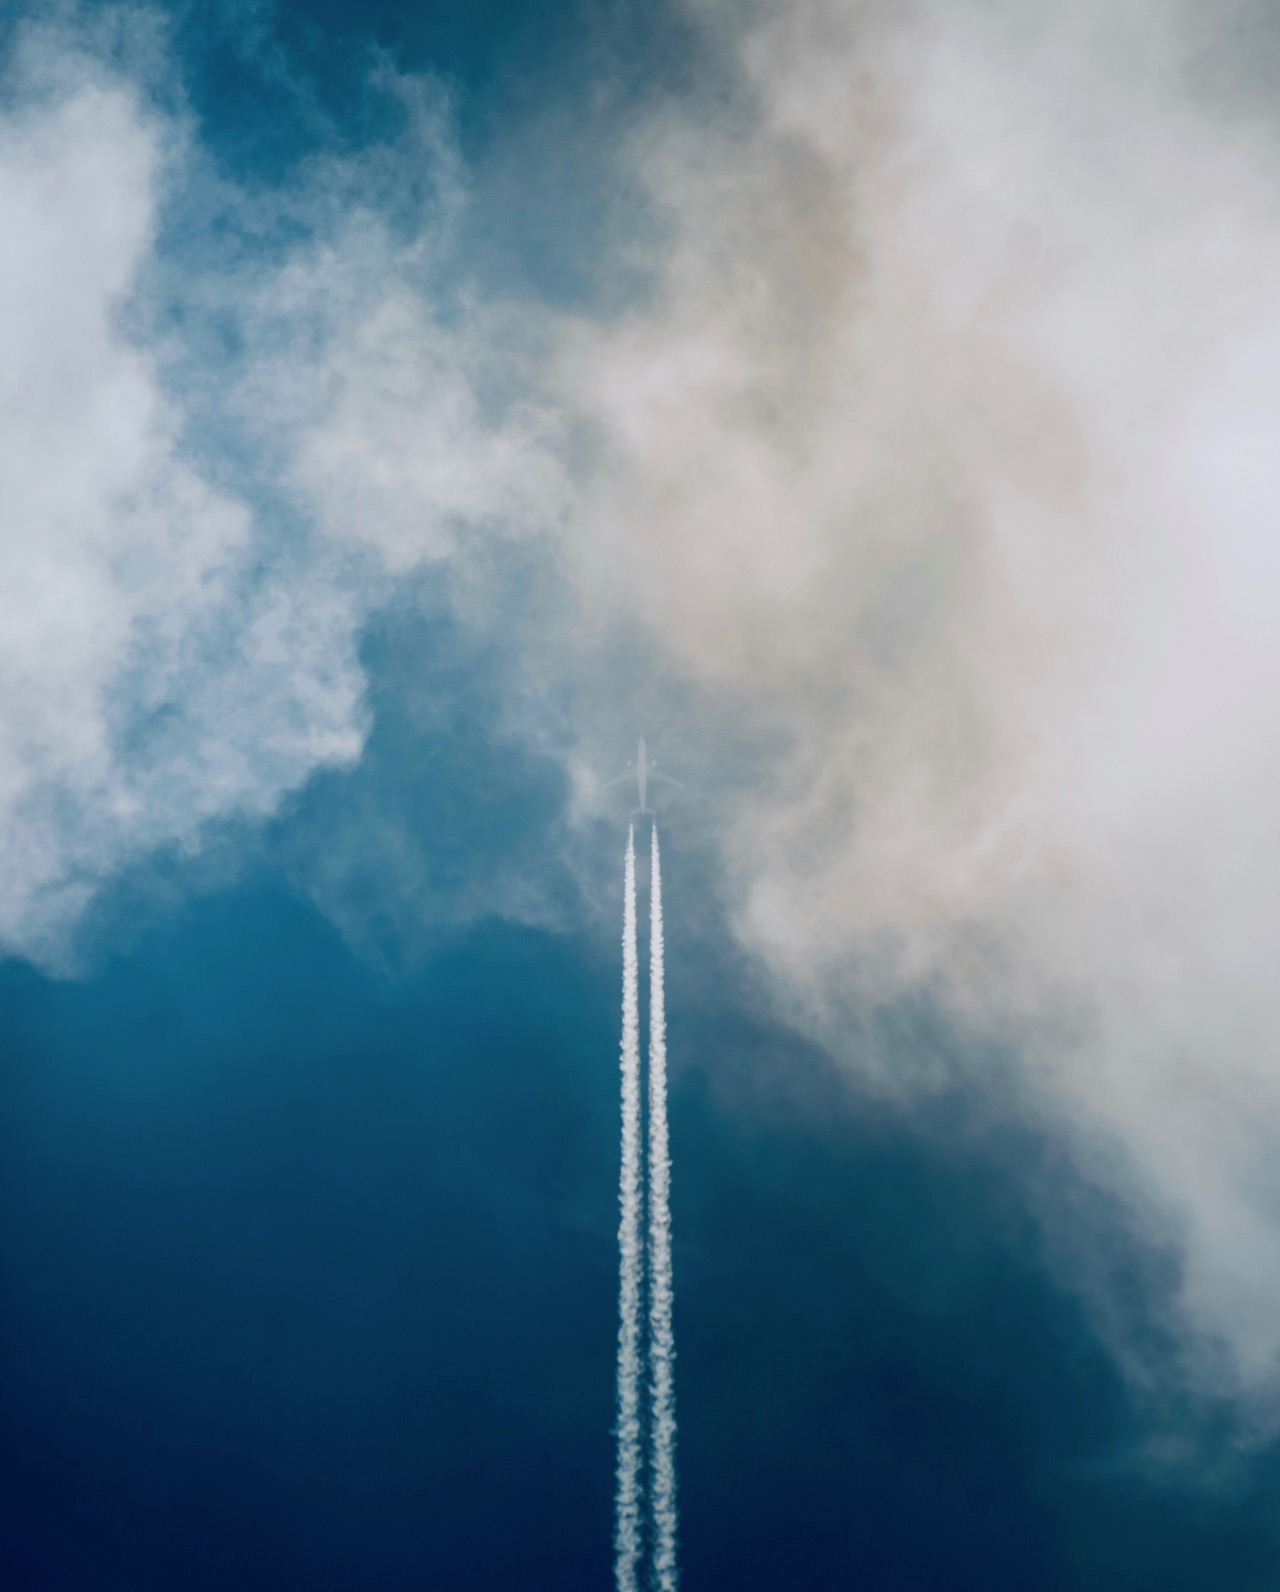 <b> La privatisation d'Aéroport de Paris et l'alinéa 9 du préambule de la Constitution de 1946 : <p> Aéroport de Paris est un monopole de fait !</b> </br> </br> Par Bruno Deffains et Thomas Perroud